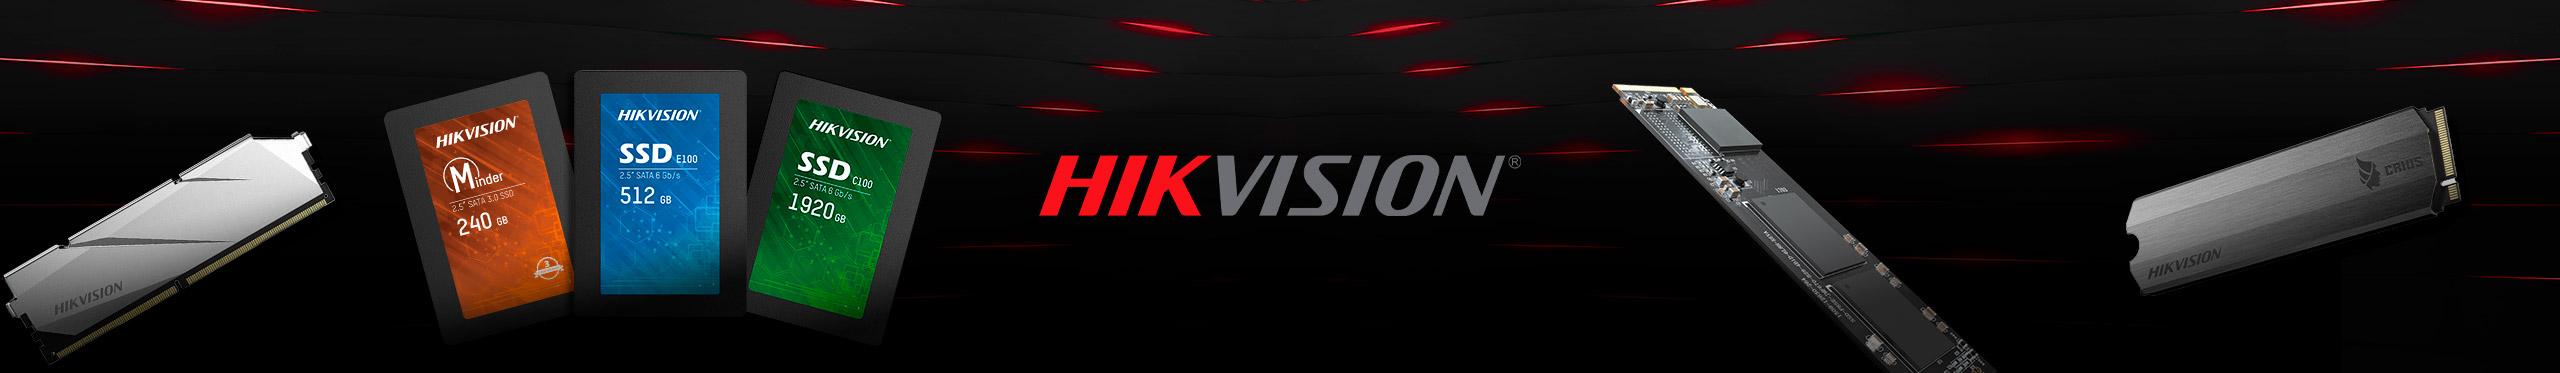 Acelere e otimize seu sistema com os SSDs Hikvision.